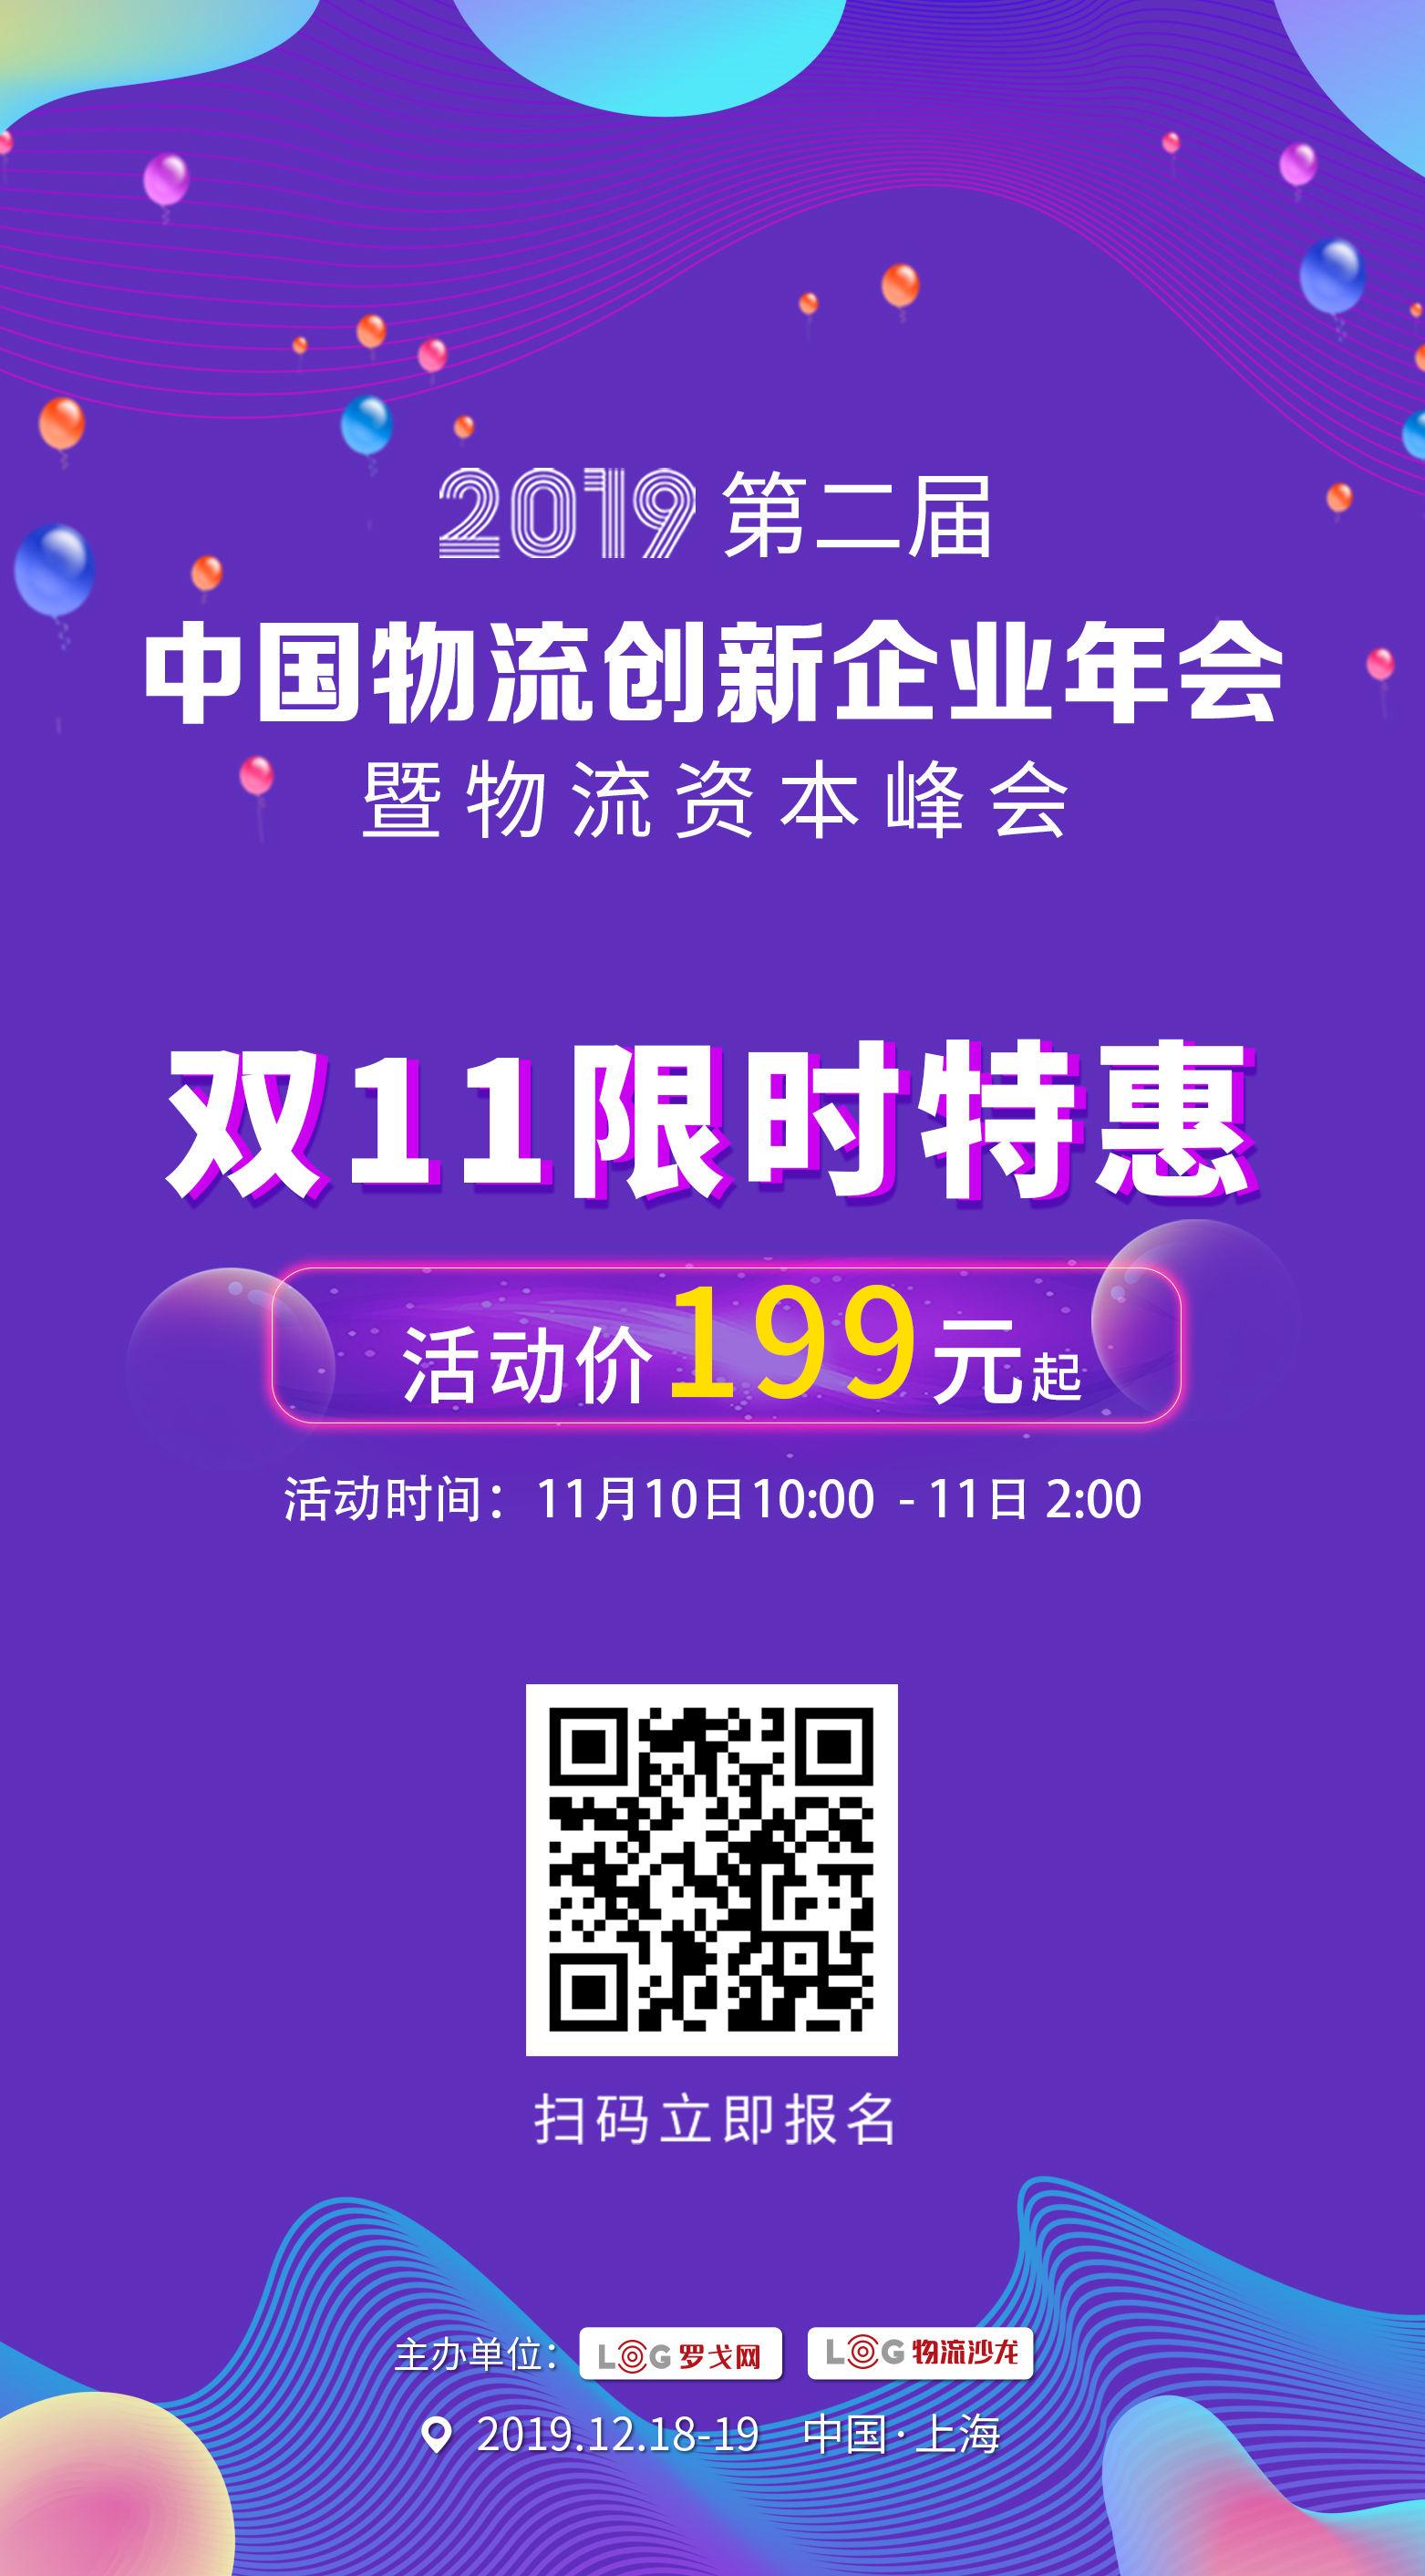 中国物流创新企业年会双11特惠